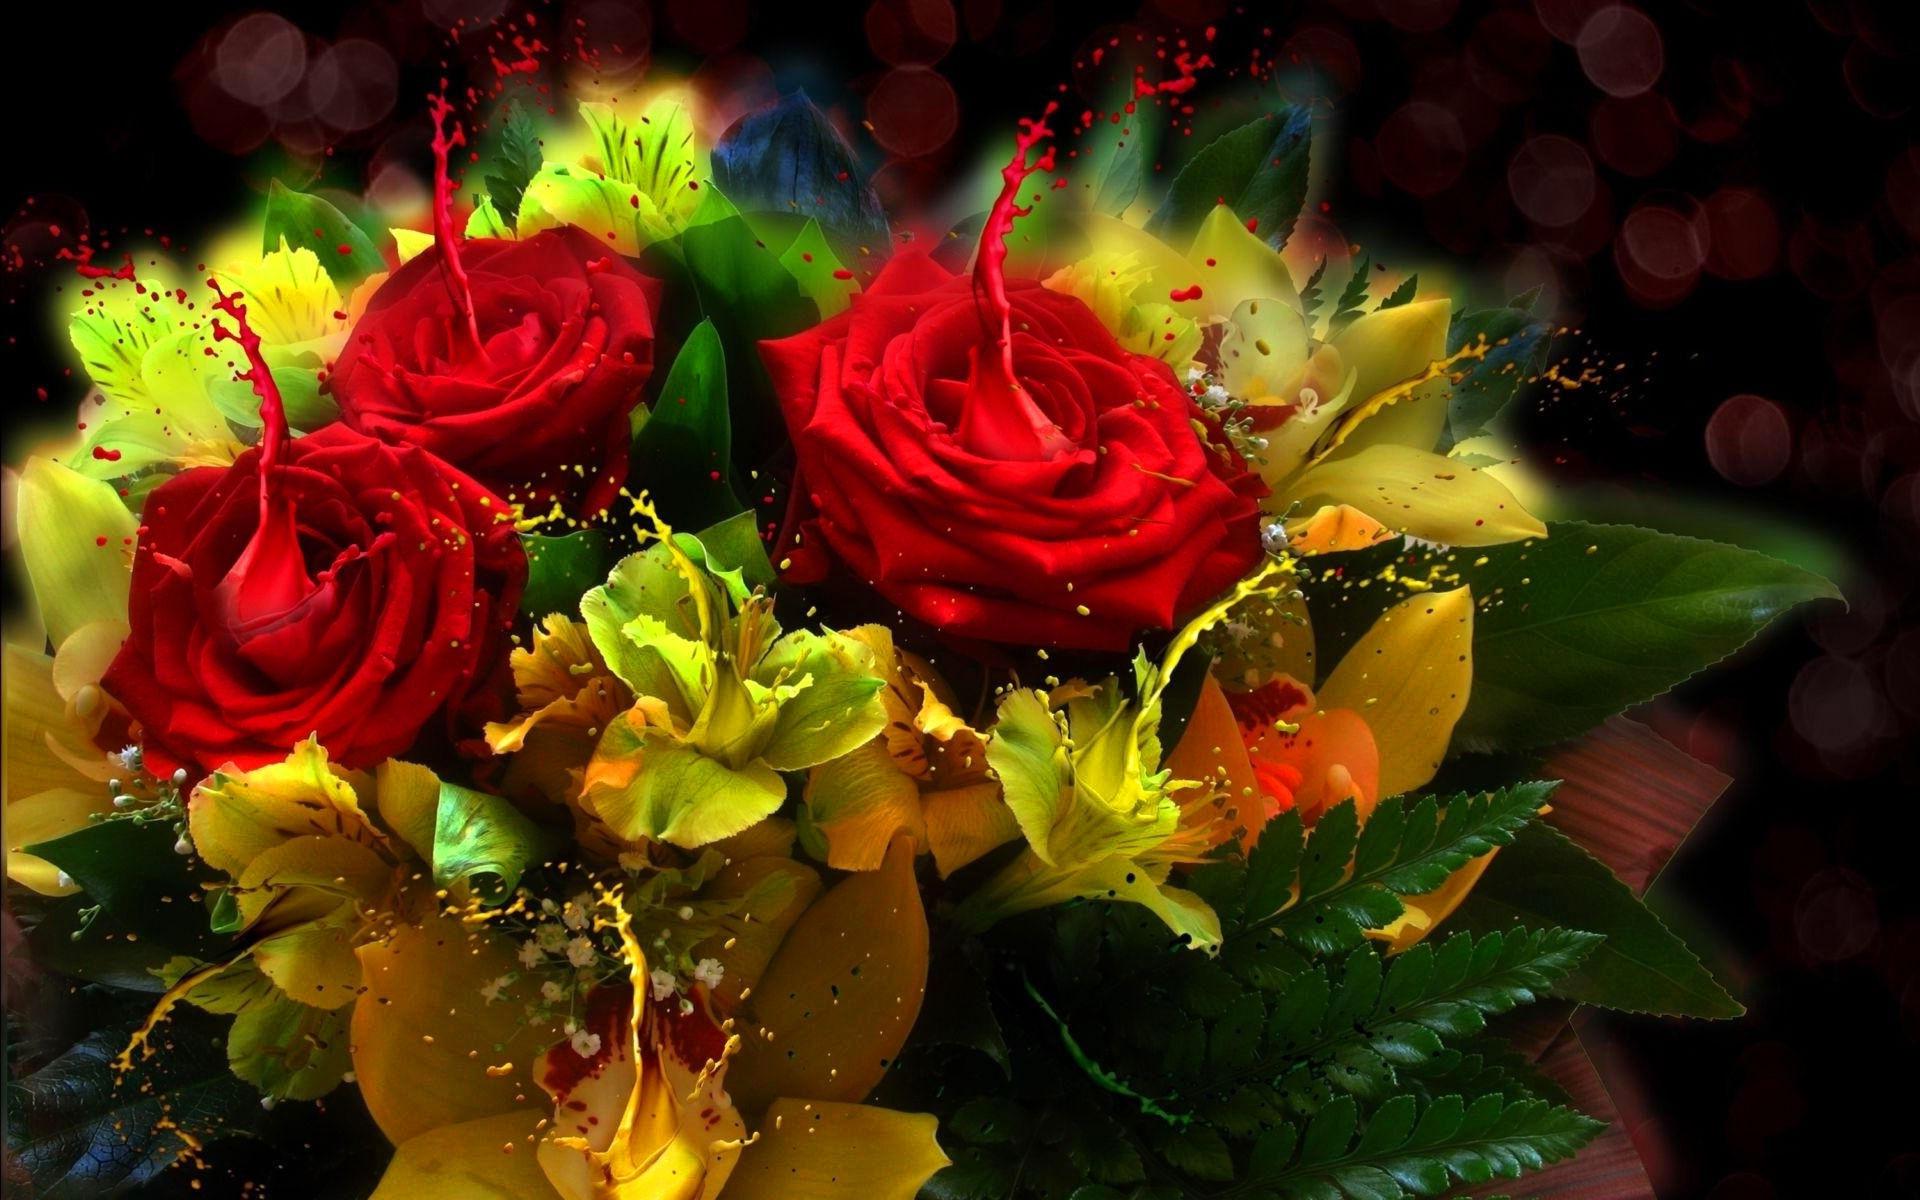 Résultat d'images pour joli bouquet de fleurs